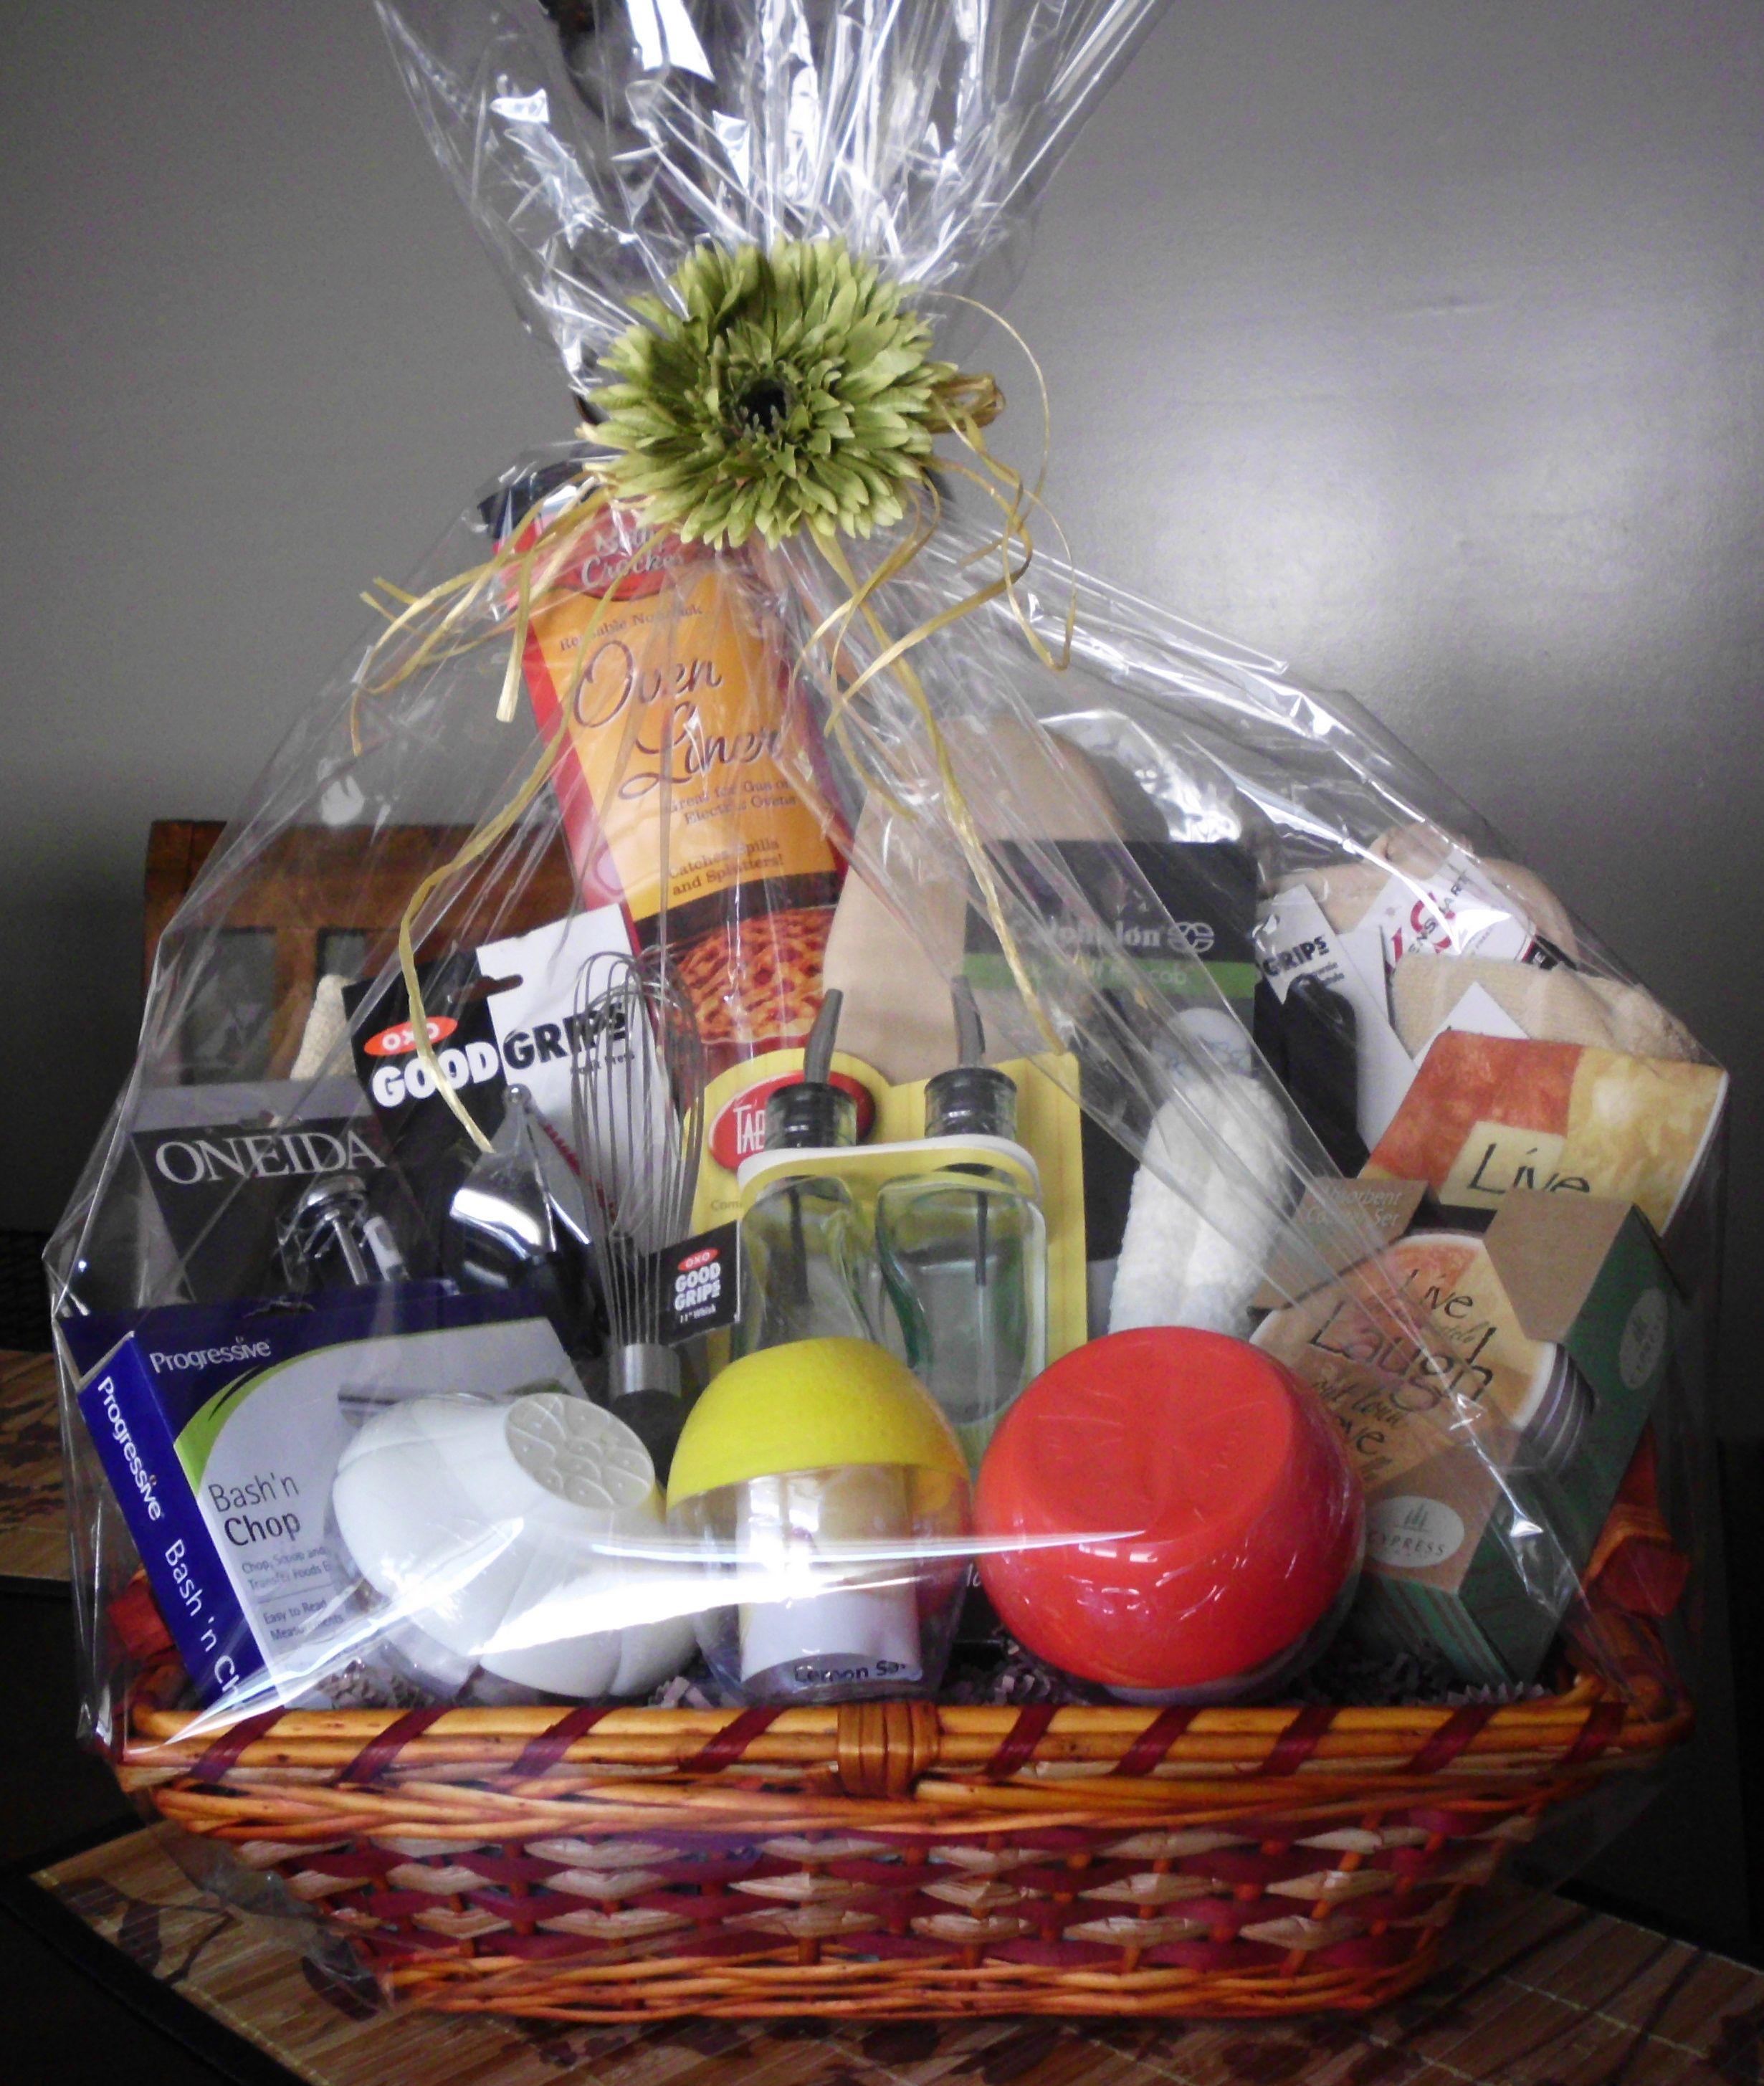 Bridal Shower Gift Basket Wrapped Inspire: Homemade Gitrz ...